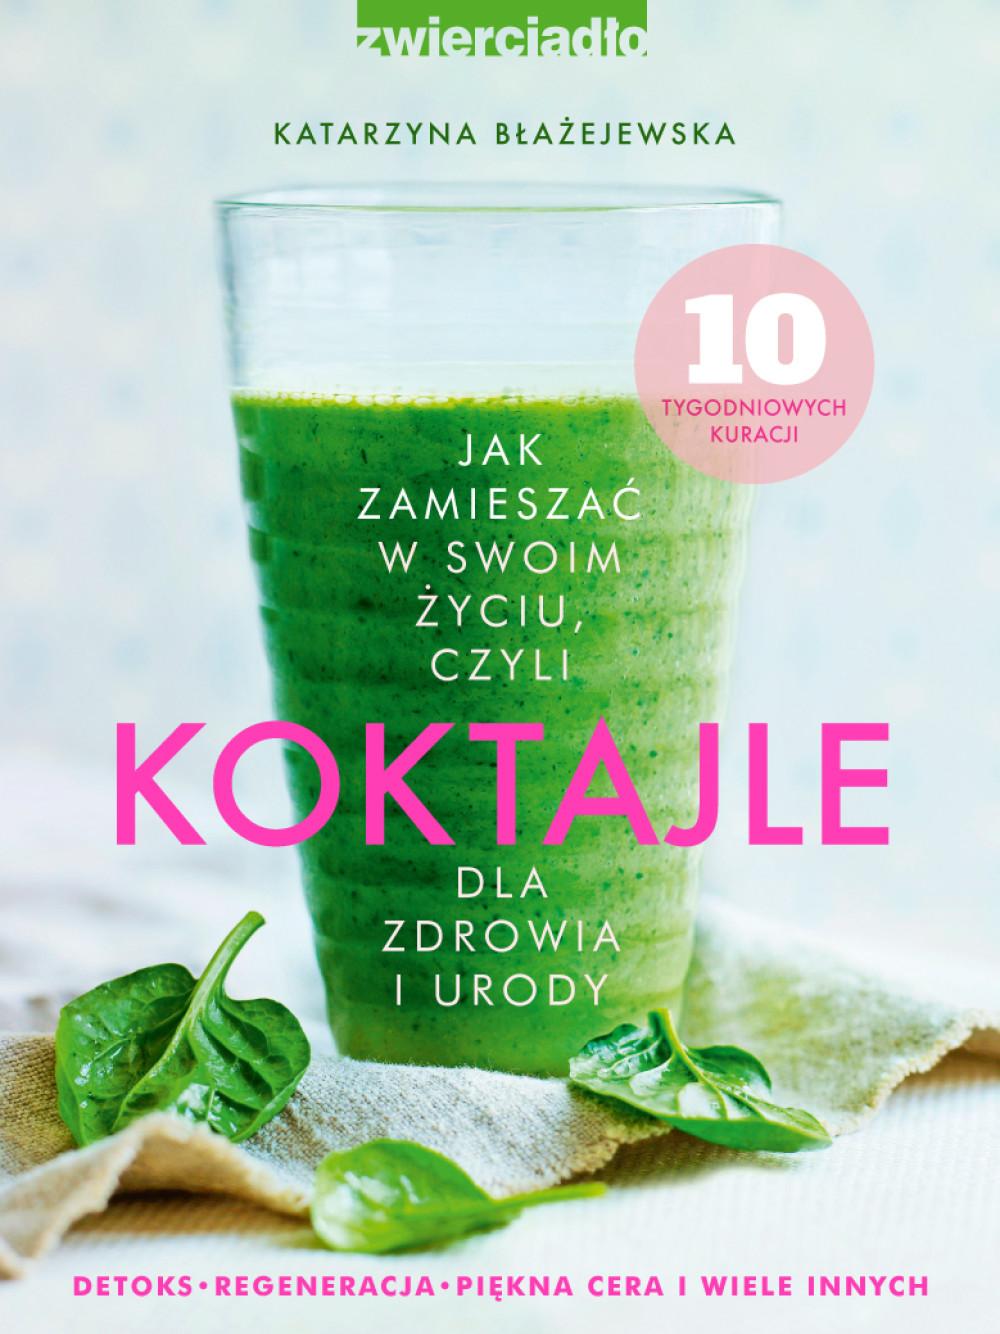 :: KOKTAJLE DLA ZDROWIA I URODY cz.1 - e-book ::